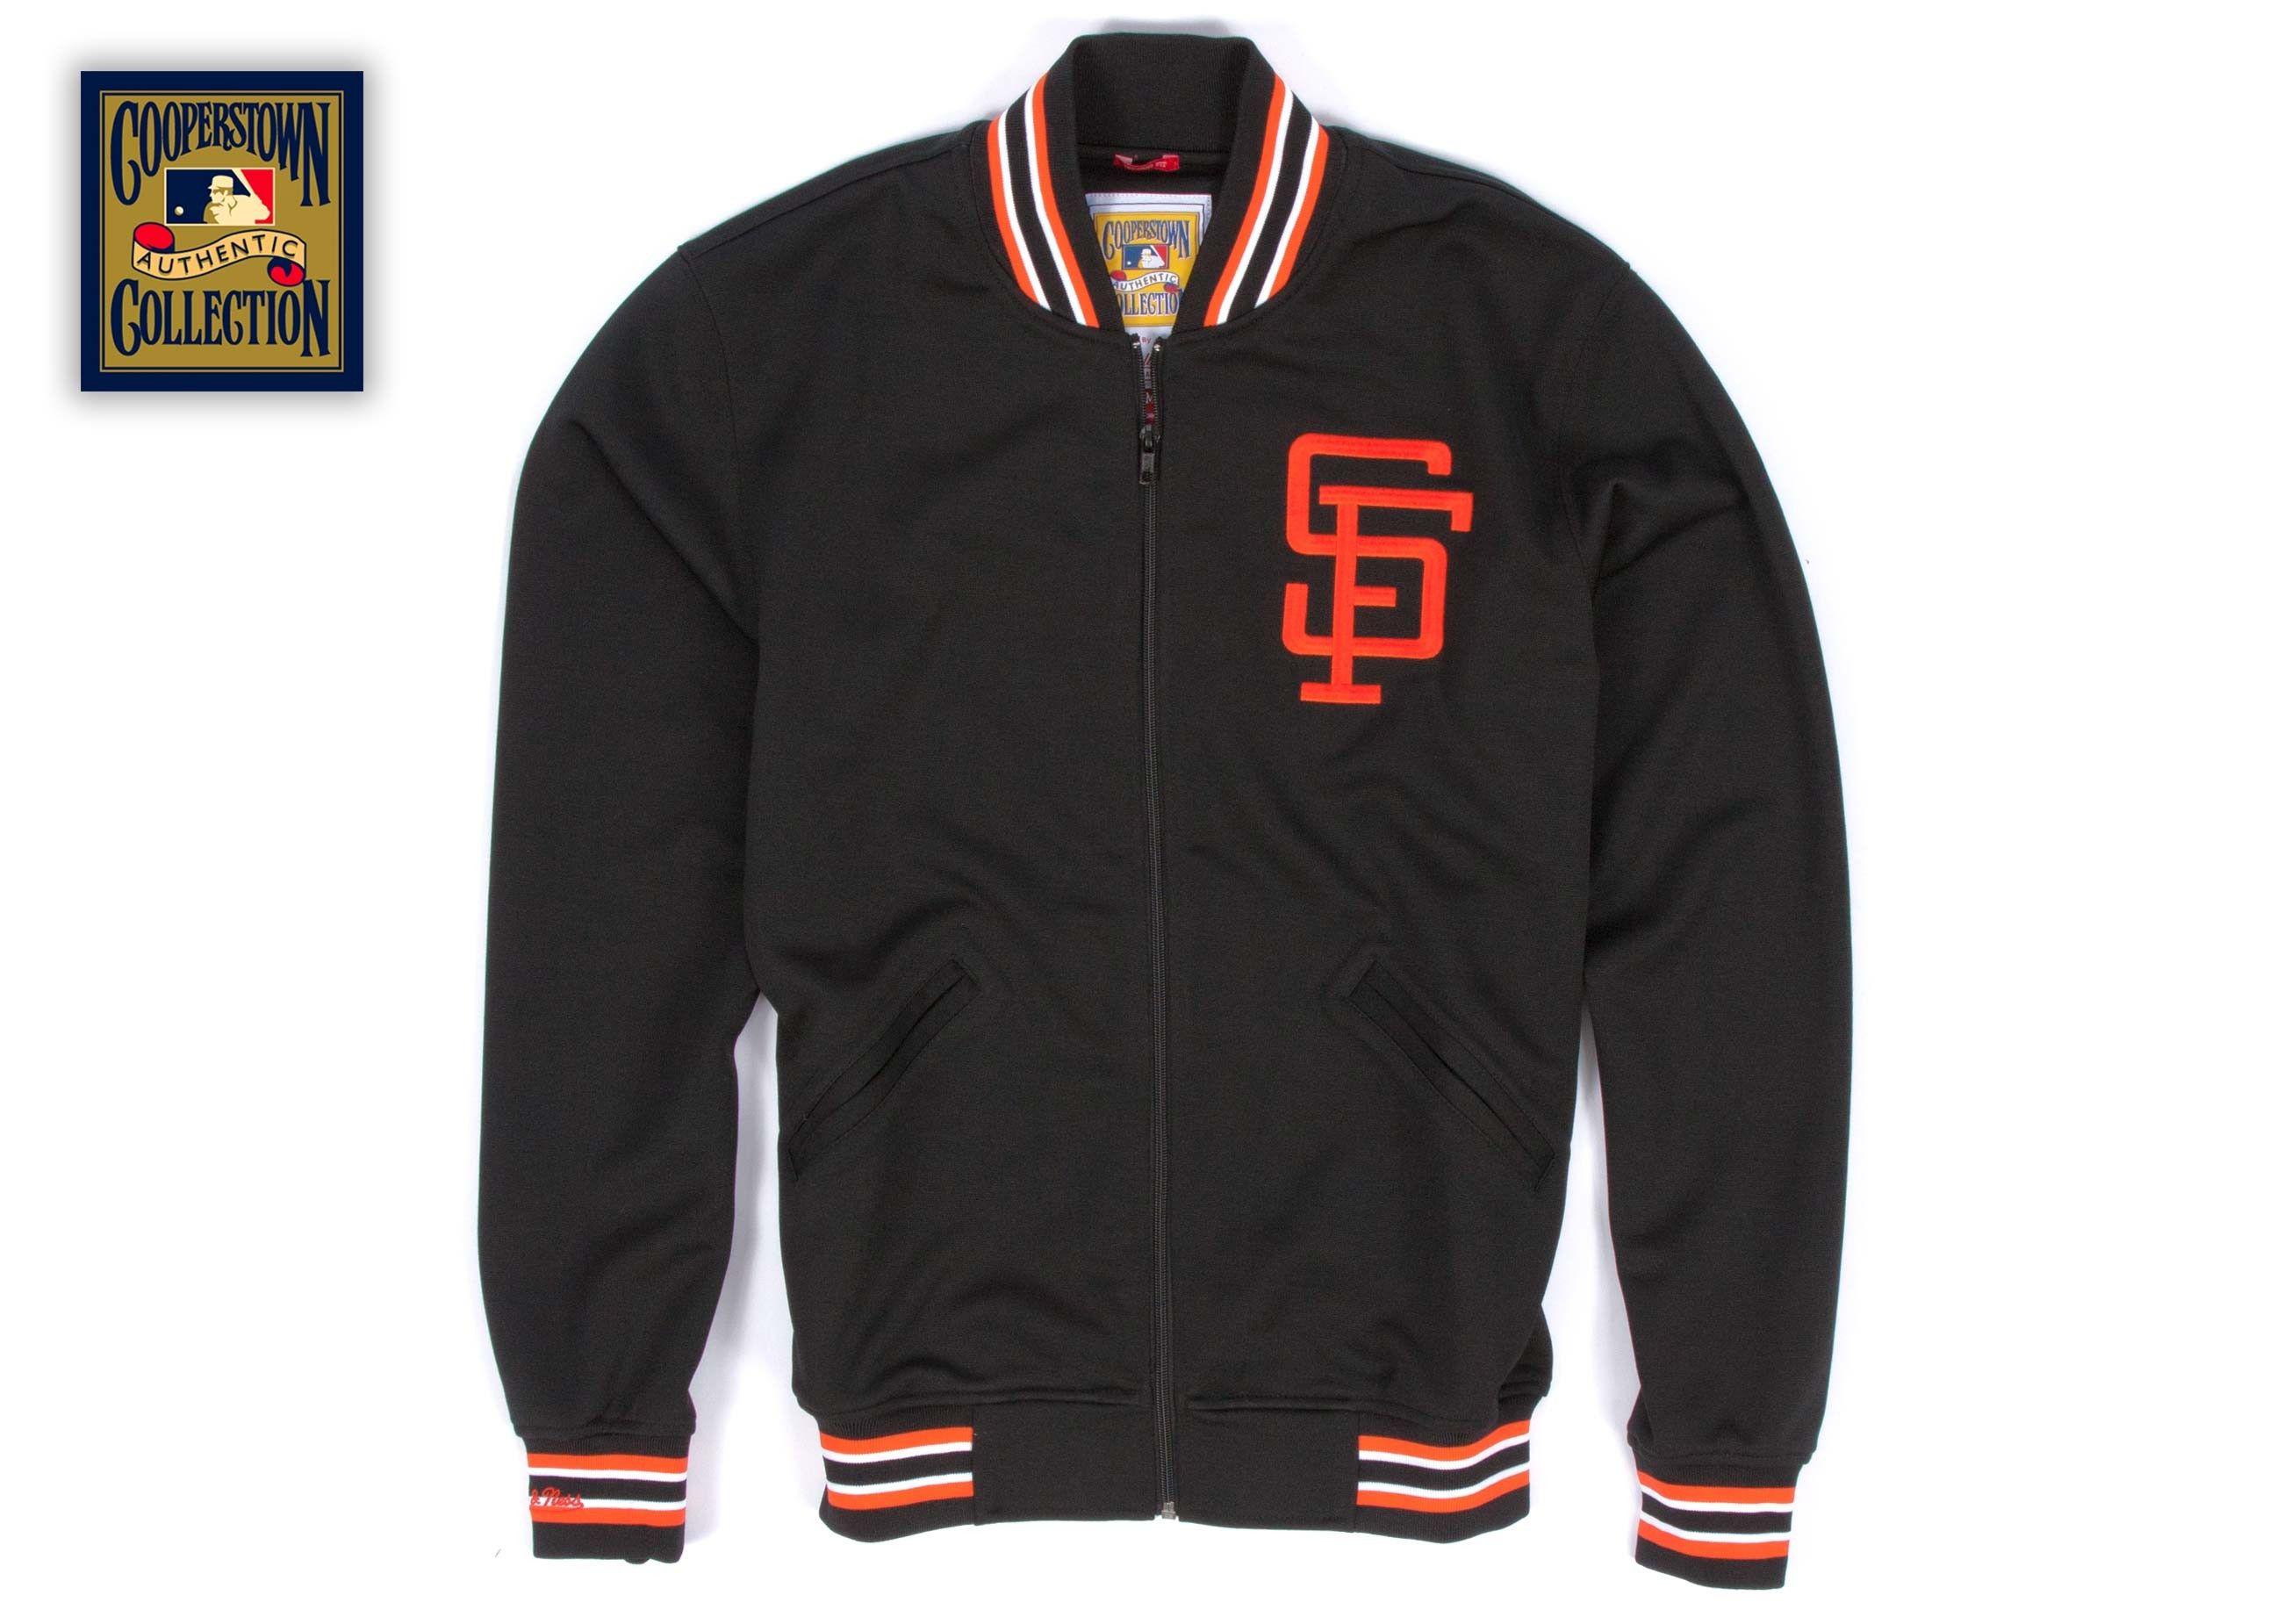 info for 24f68 7c5da 1987 Authentic BP Jacket San Francisco Giants - Shop ...